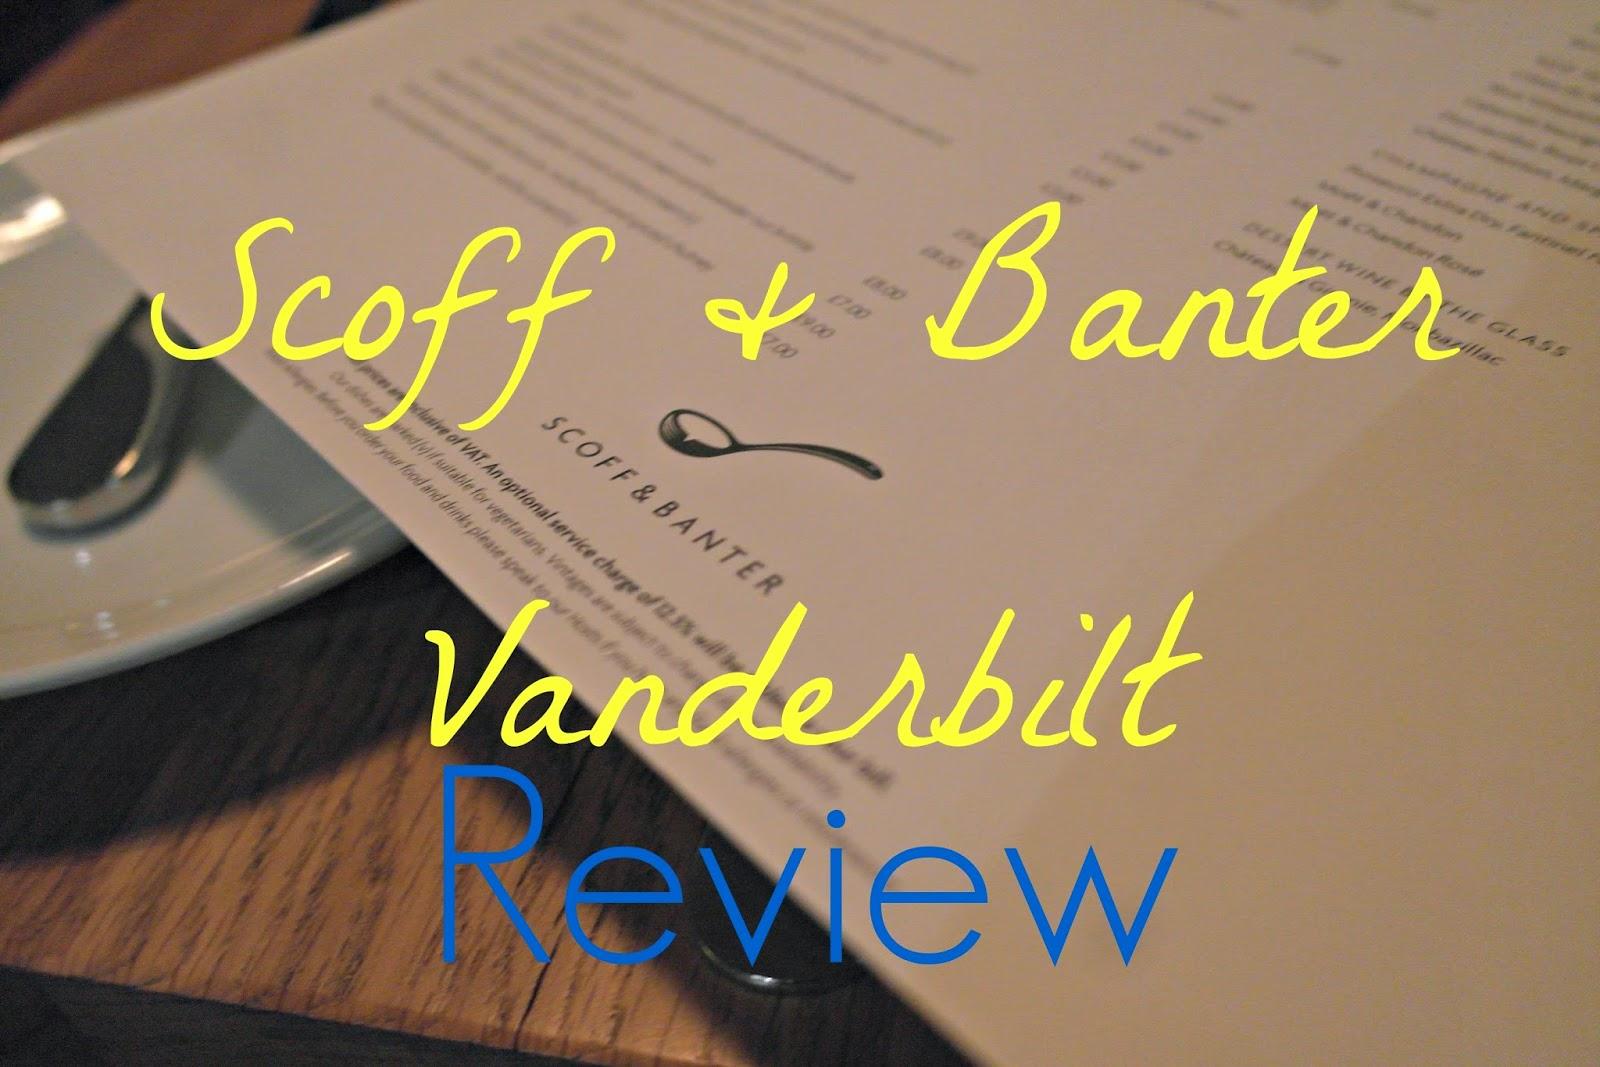 Scoff & Banter Vanderbilt review